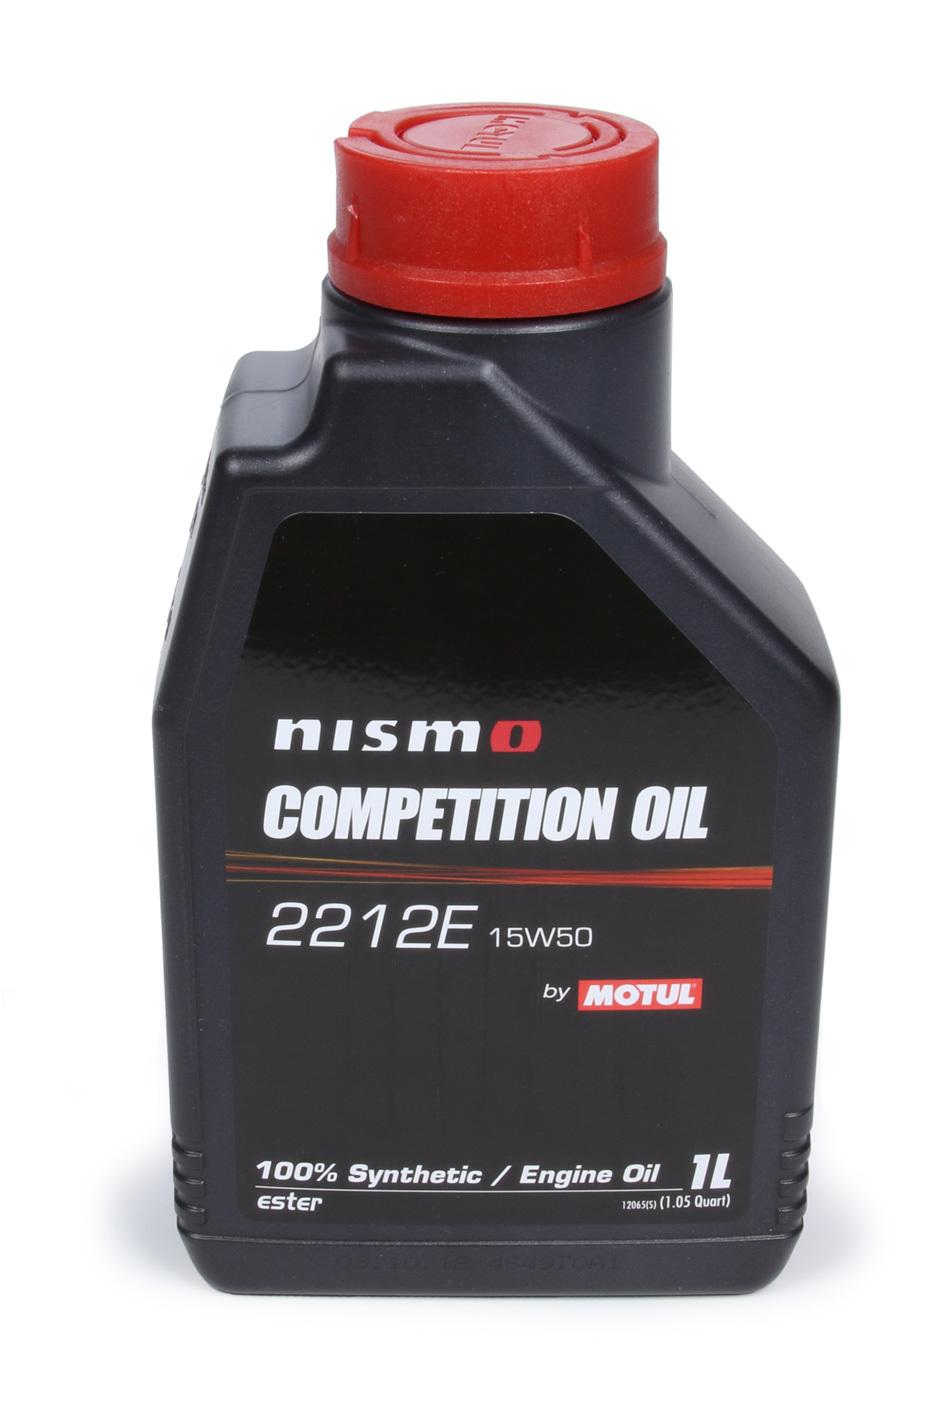 Motul 102500 Motor Oil, Nismo, 15W50, Synthetic, 1 L Bottle, Each